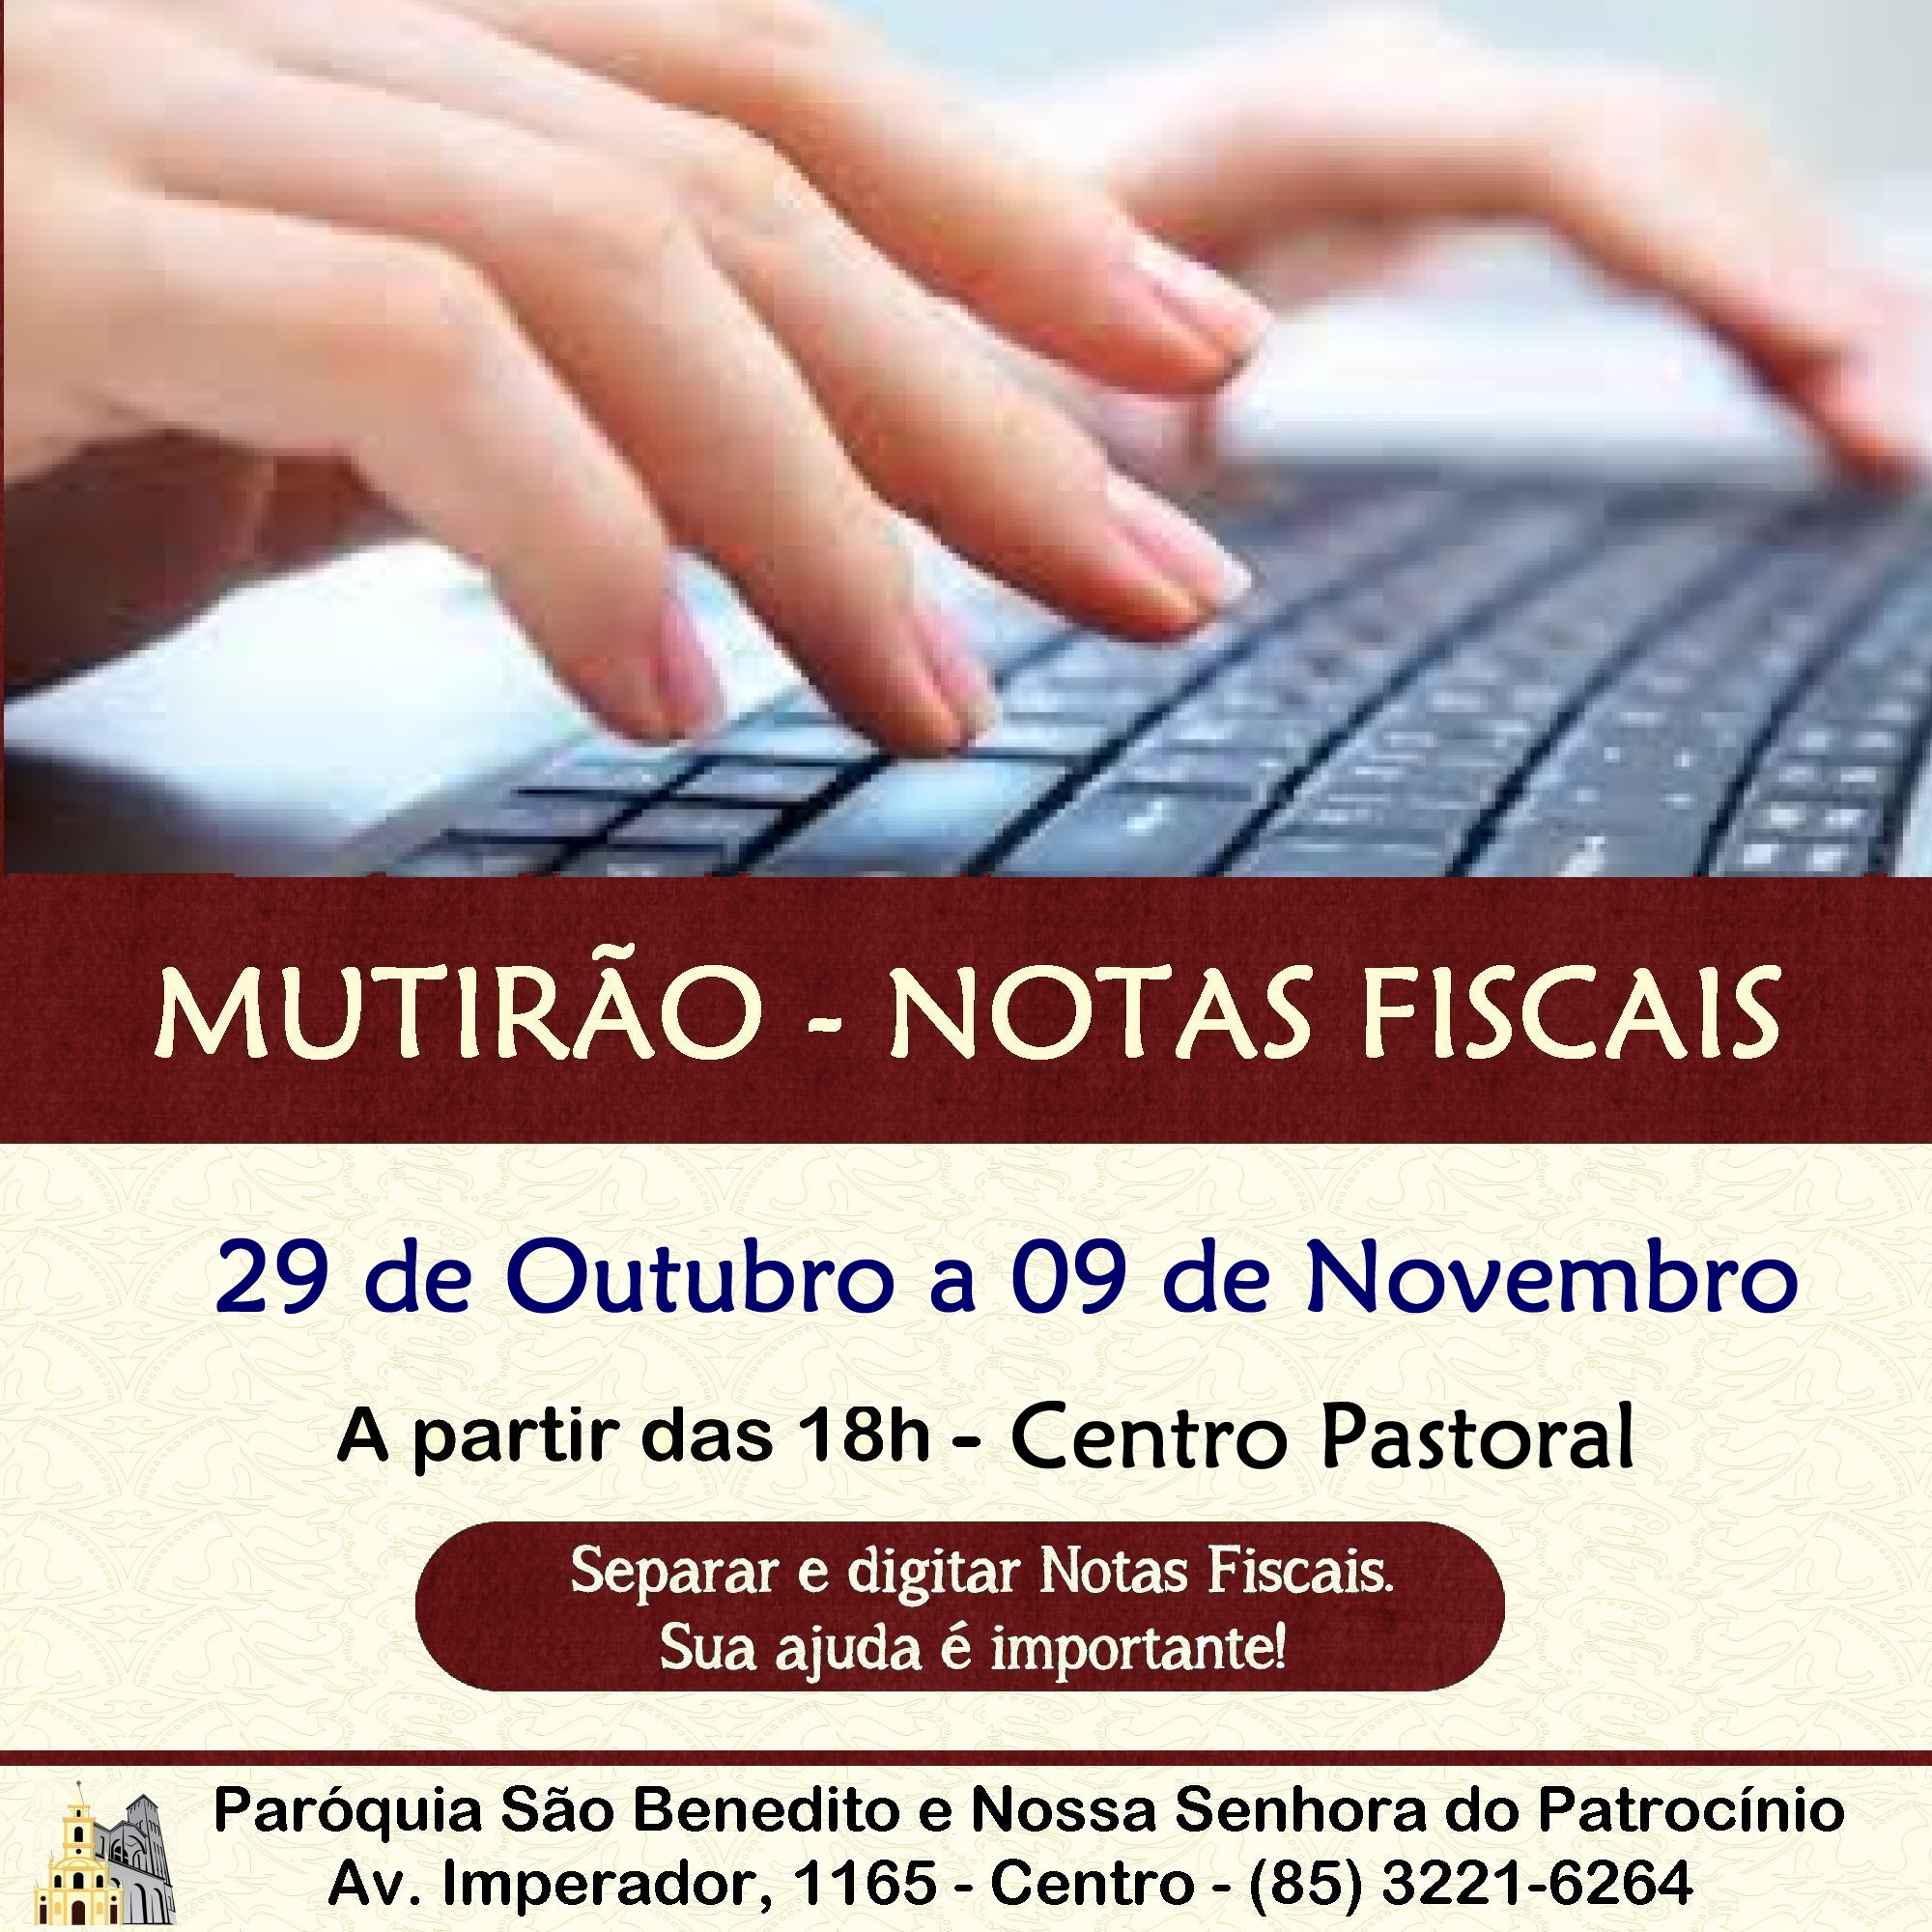 Mutirão Solidário para triagem e digitação de Notas Fiscais de 29 de Outubro a 09 de novembro. Participe!!